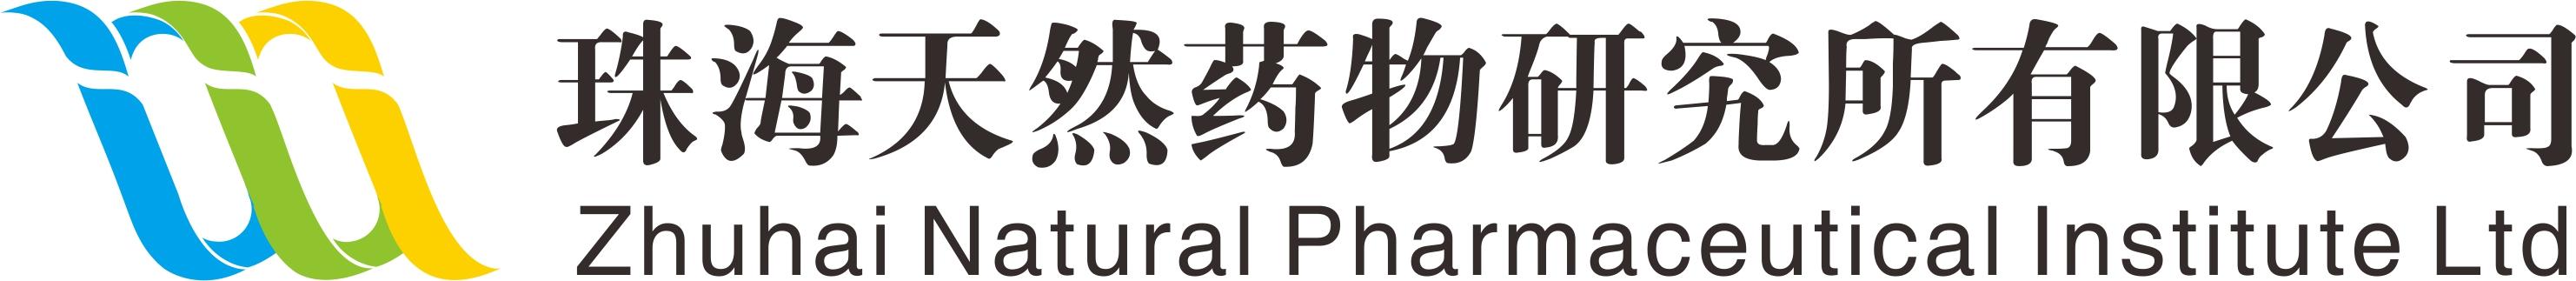 珠海天然药物研究所